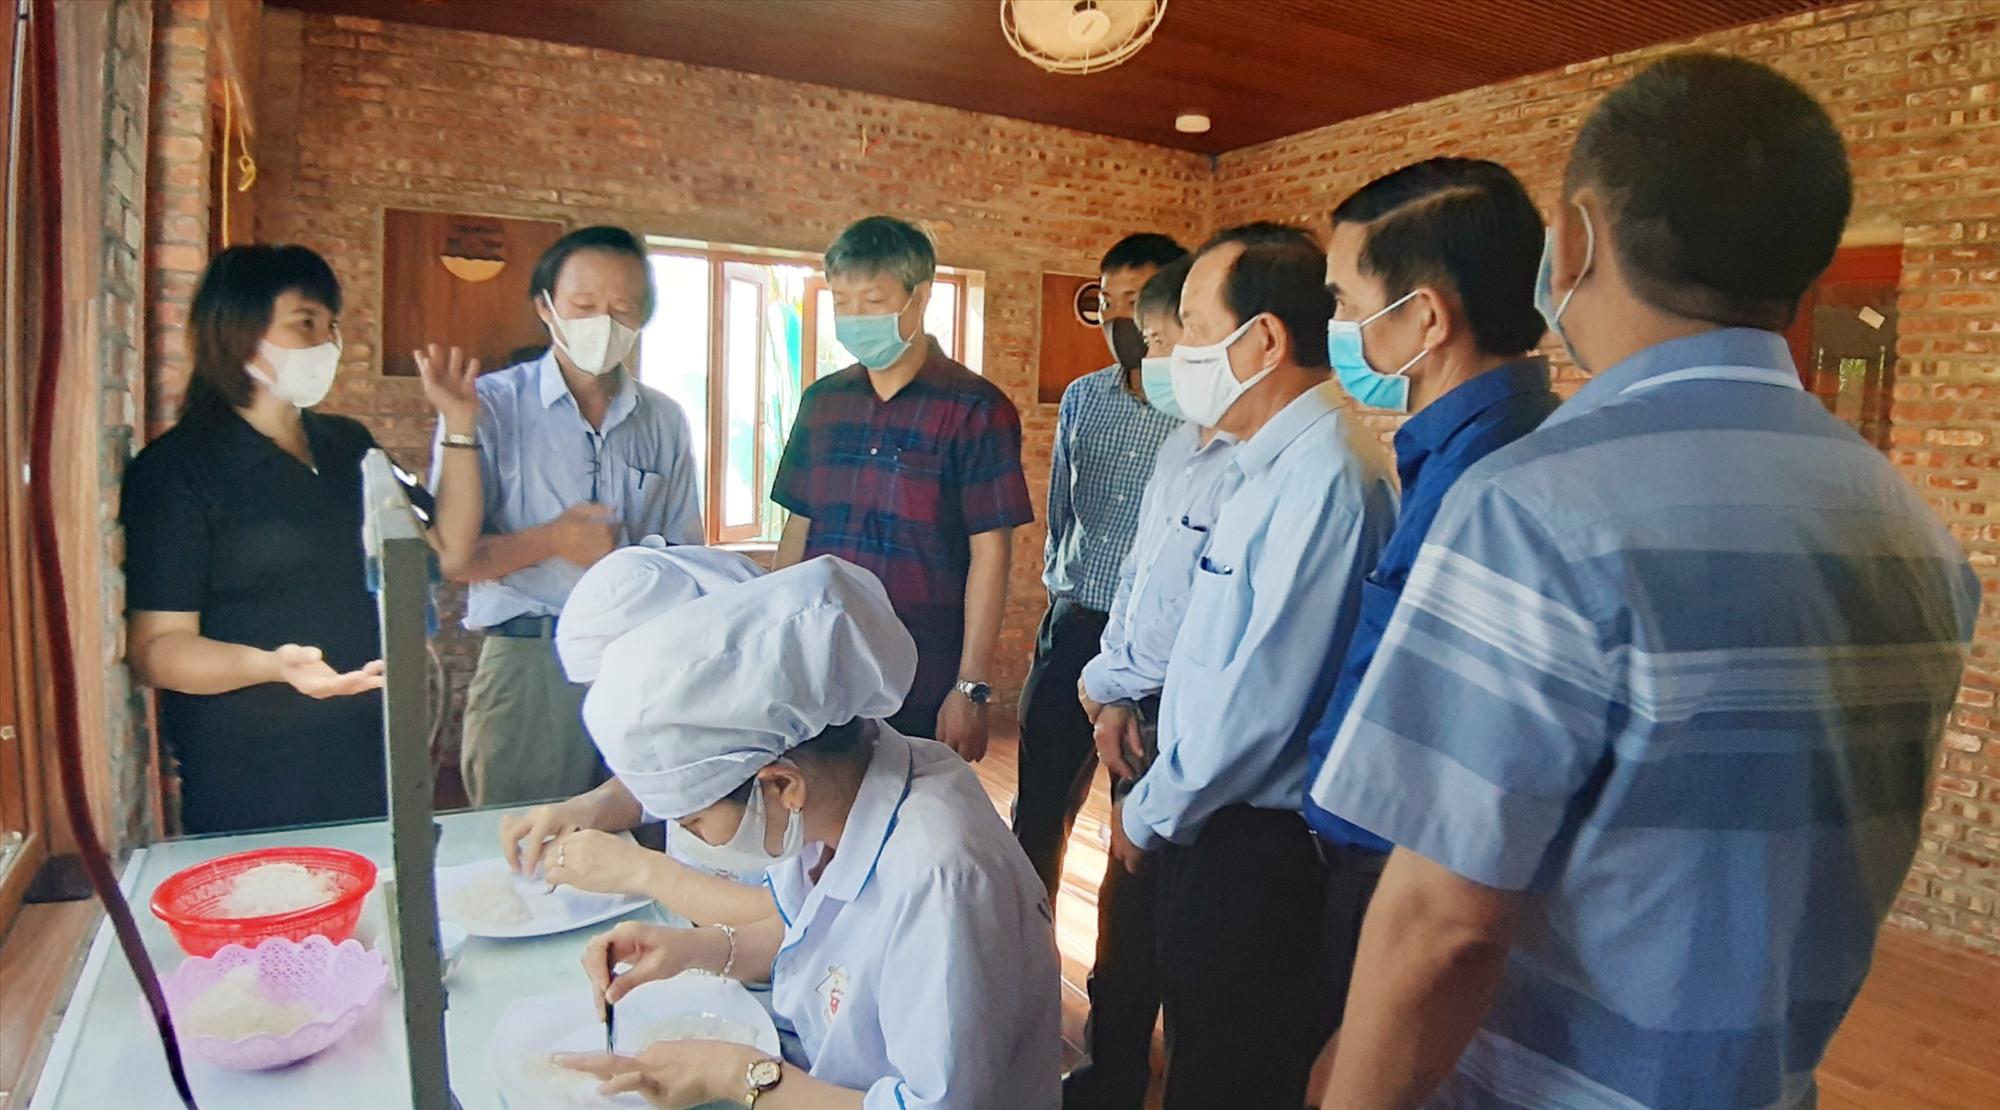 Phó Chủ tịch UBND tỉnh Hồ Quang Bửu tham quan cơ sở sản xuất - kinh doanh của Công ty TNHH MTV Yến sào Đất Quảng (xã Bình Đào, Thăng Bình).   Ảnh: VĂN SỰ